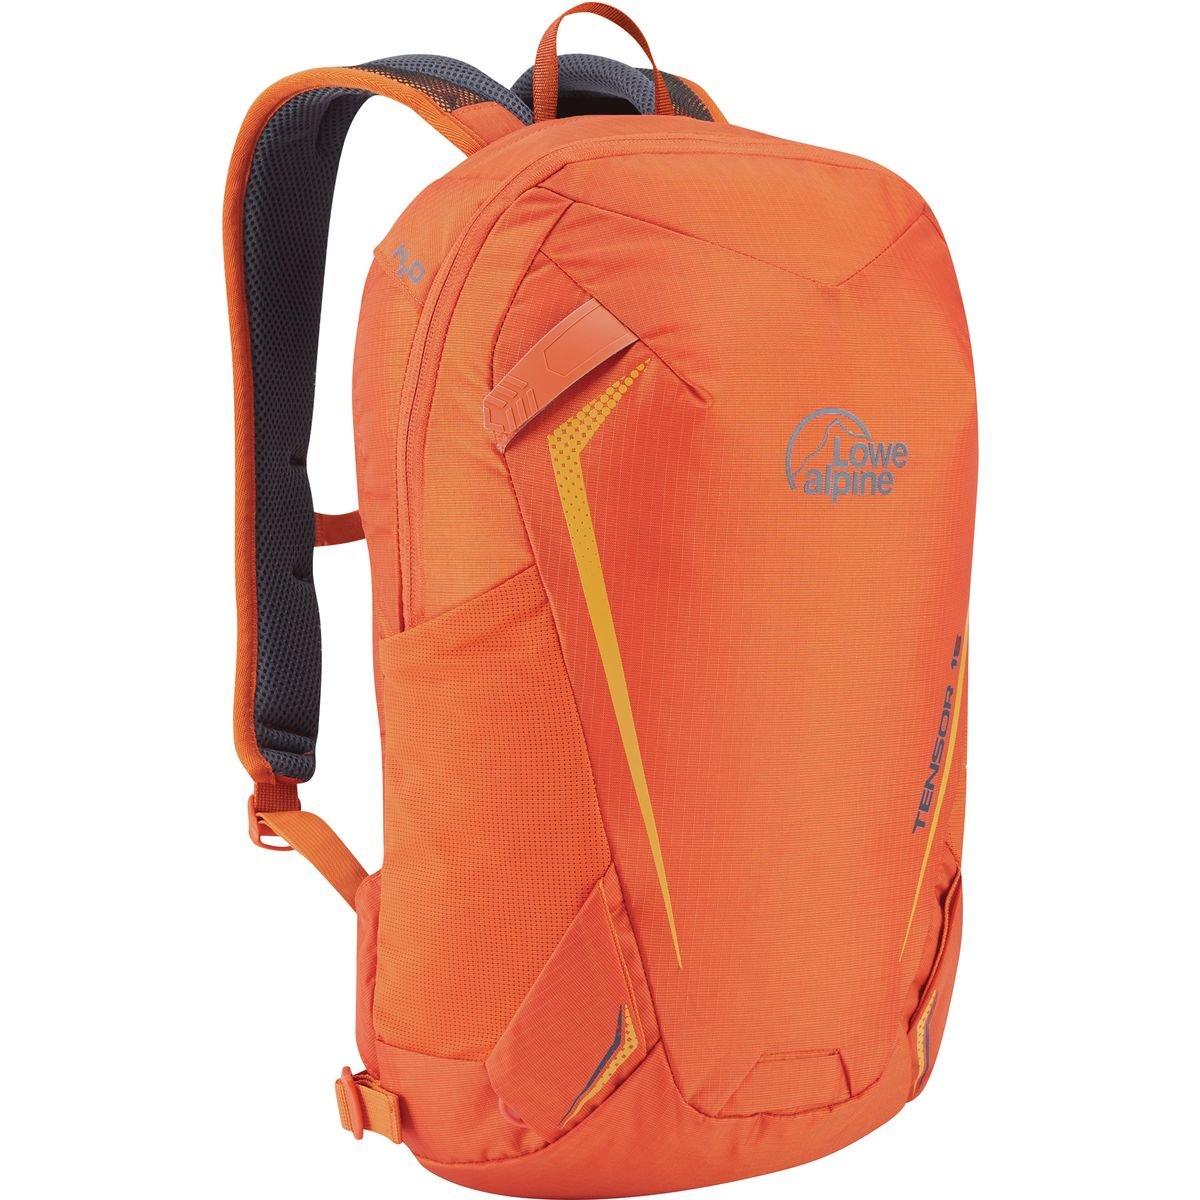 (ロウアルパイン) Lowe Alpine Tensor 15L Backpackメンズ バックパック リュック Lava [並行輸入品]   B07BZFQ71K